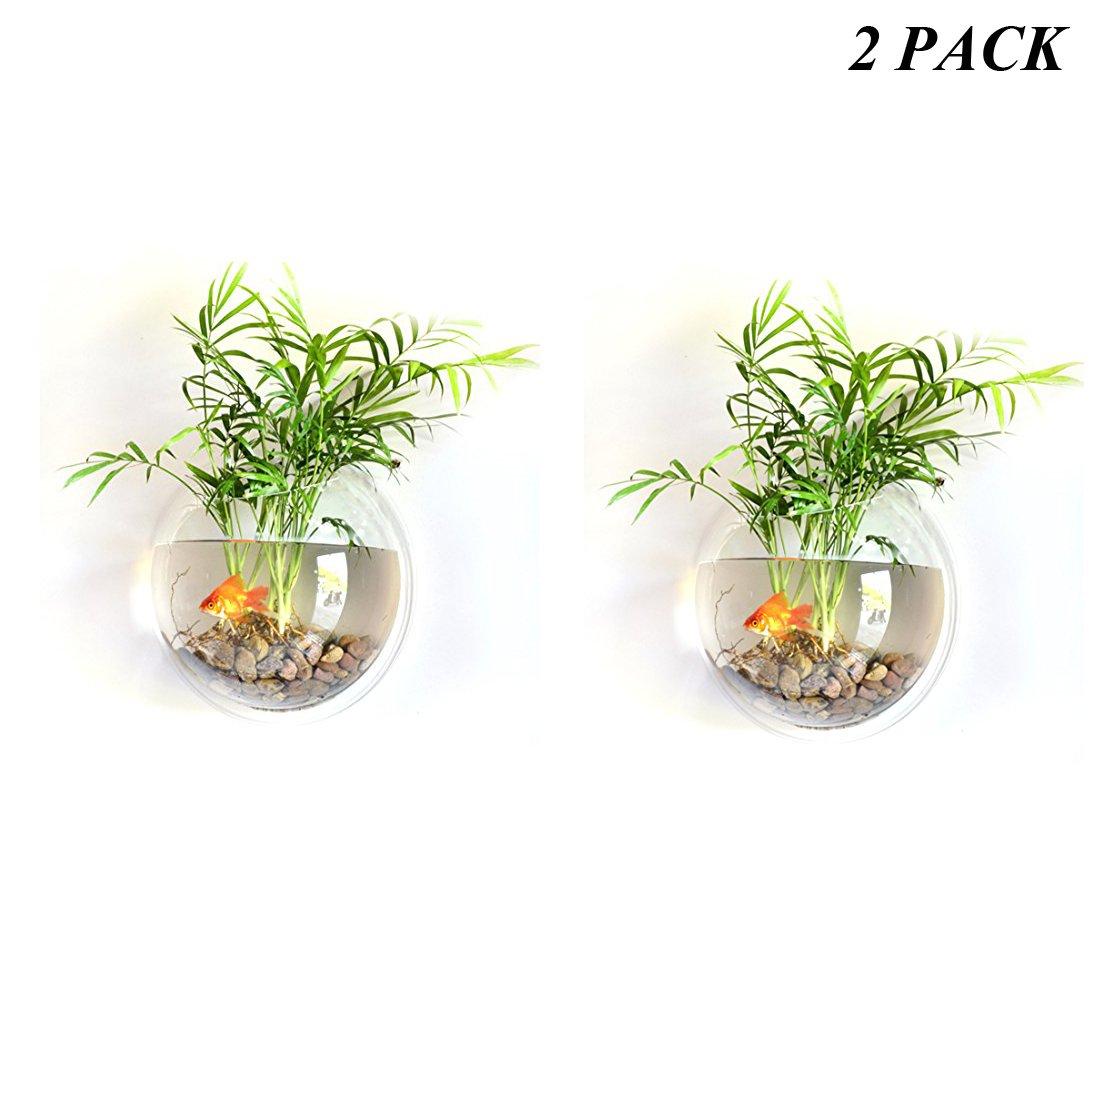 Haoun 2 Pack Wall Hanging Fish Bowl, Mini Fish Tank Wall Mounted Small Aquarium for Wall Decoration 6 Inch